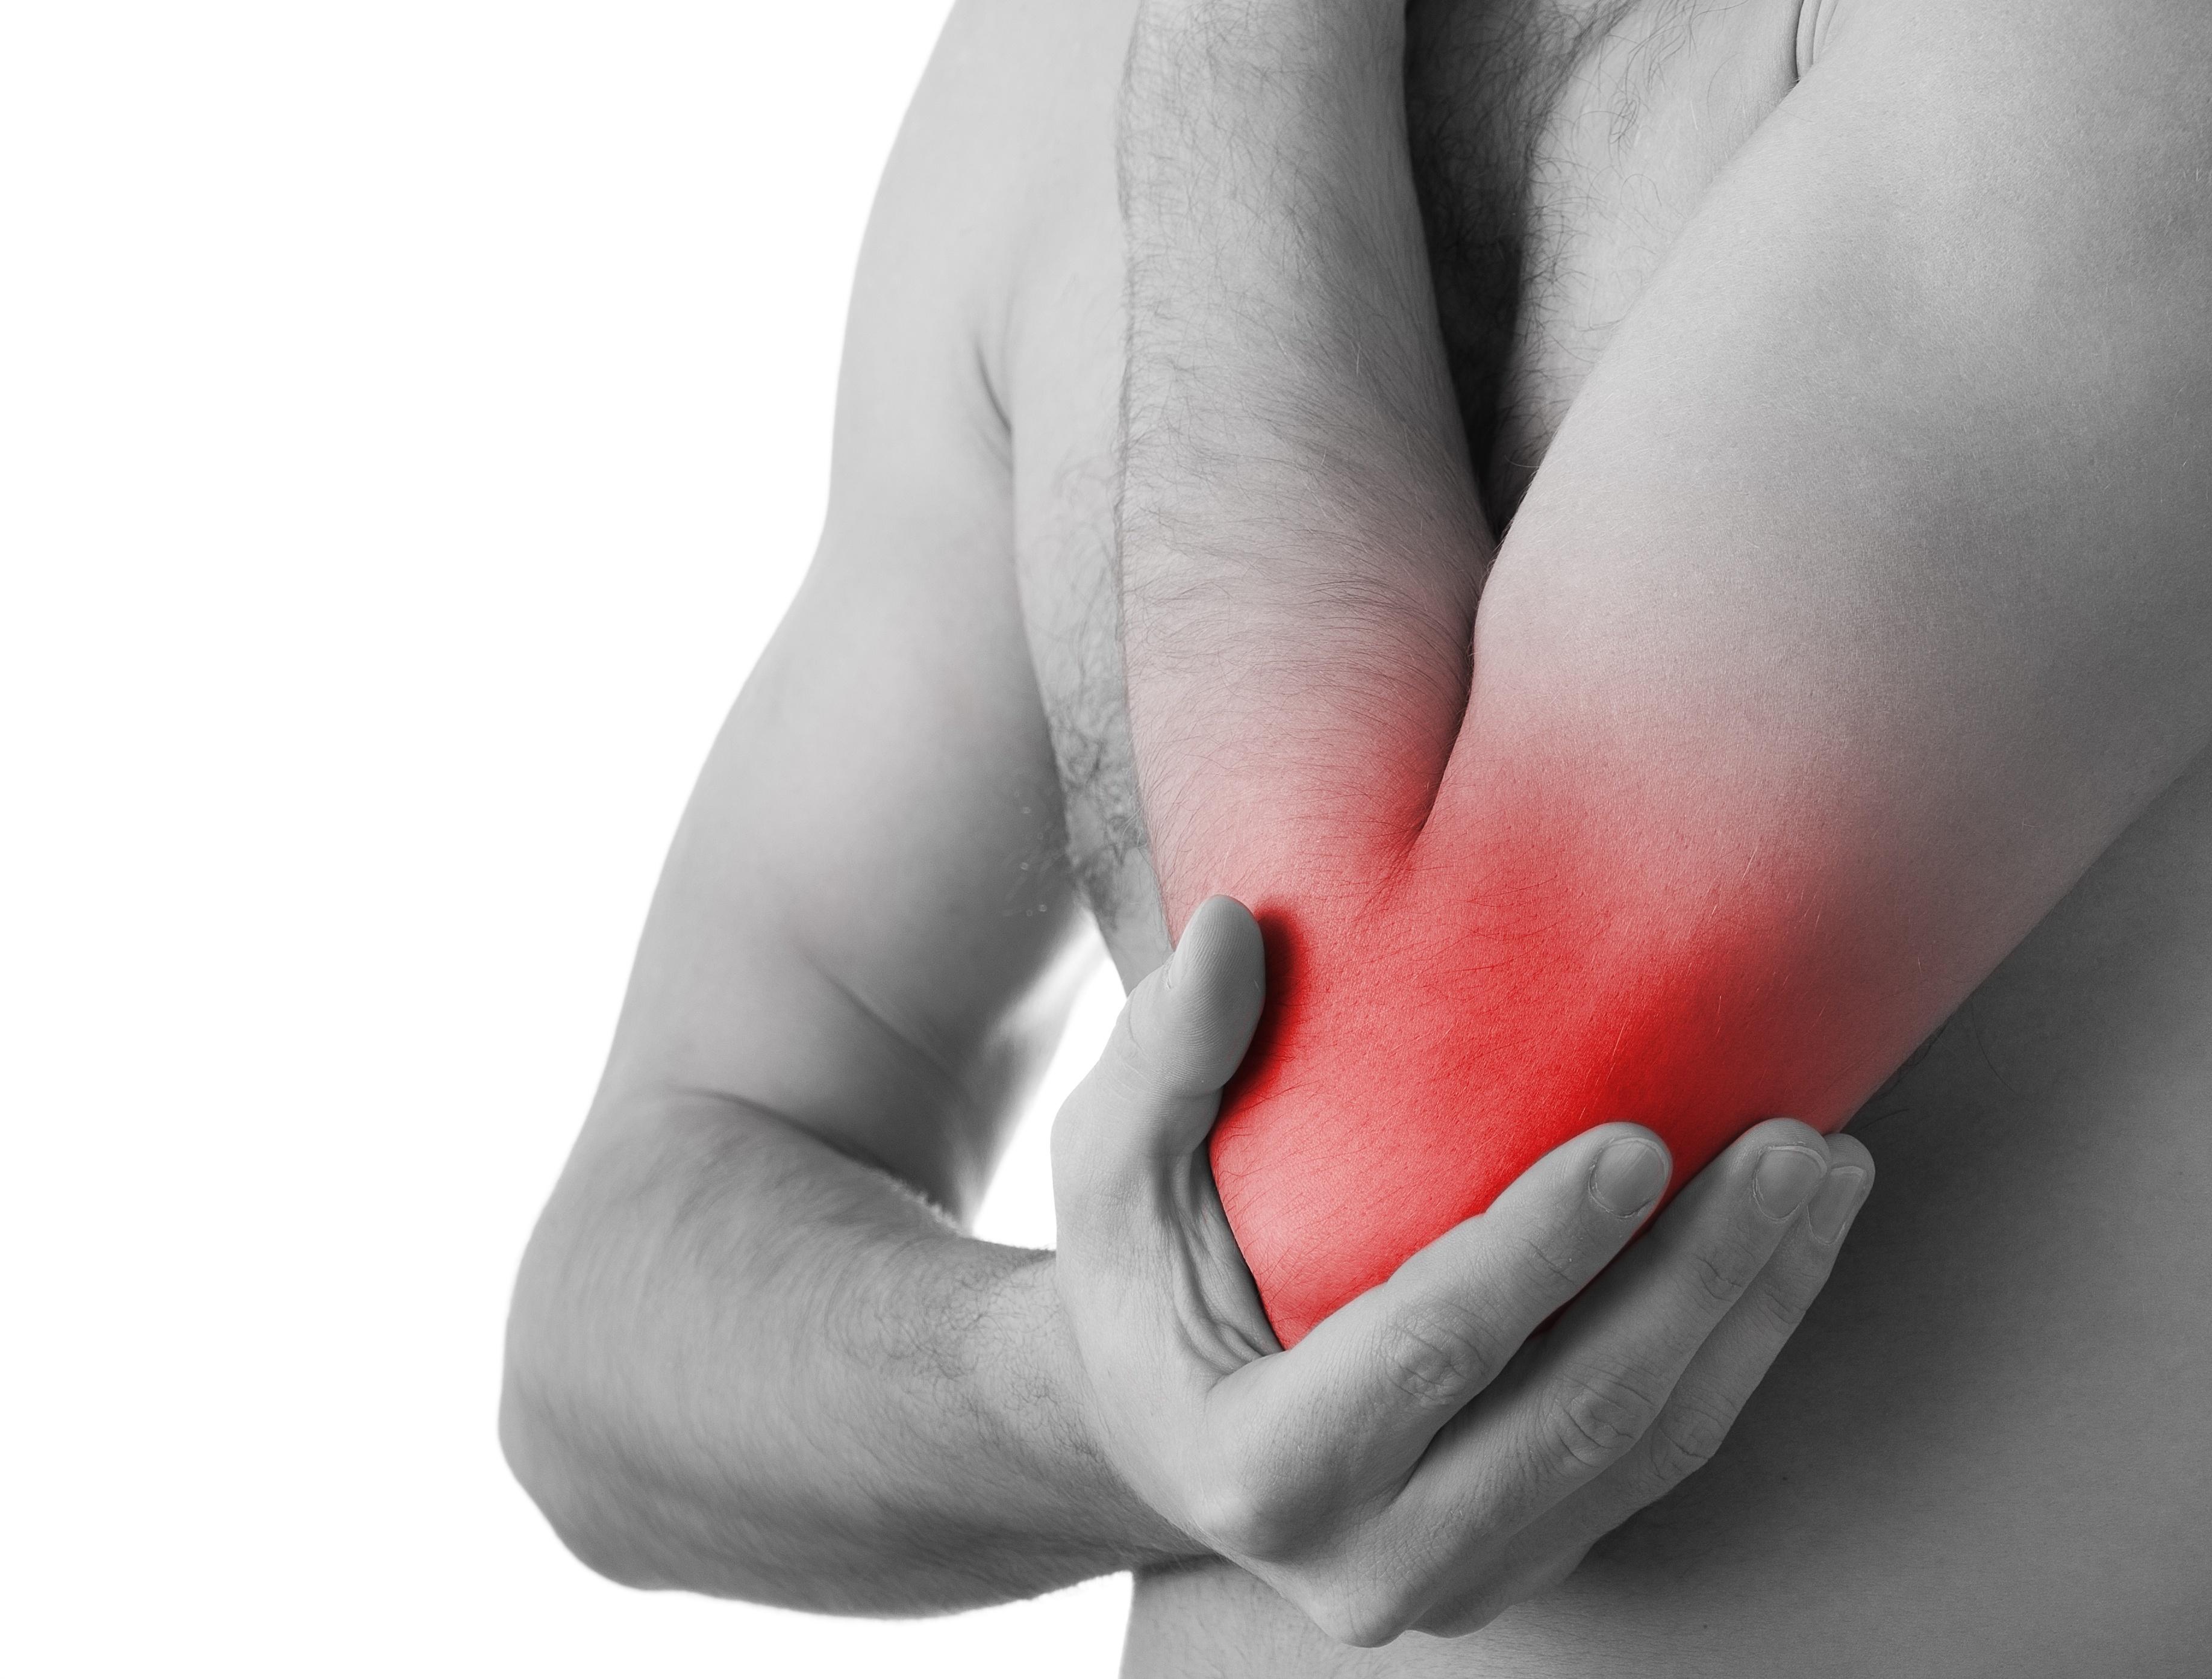 csípőízület 1. fokozatának osteoarthrosis kezelése a térdízület suprapatellaris bursitisének kezelése